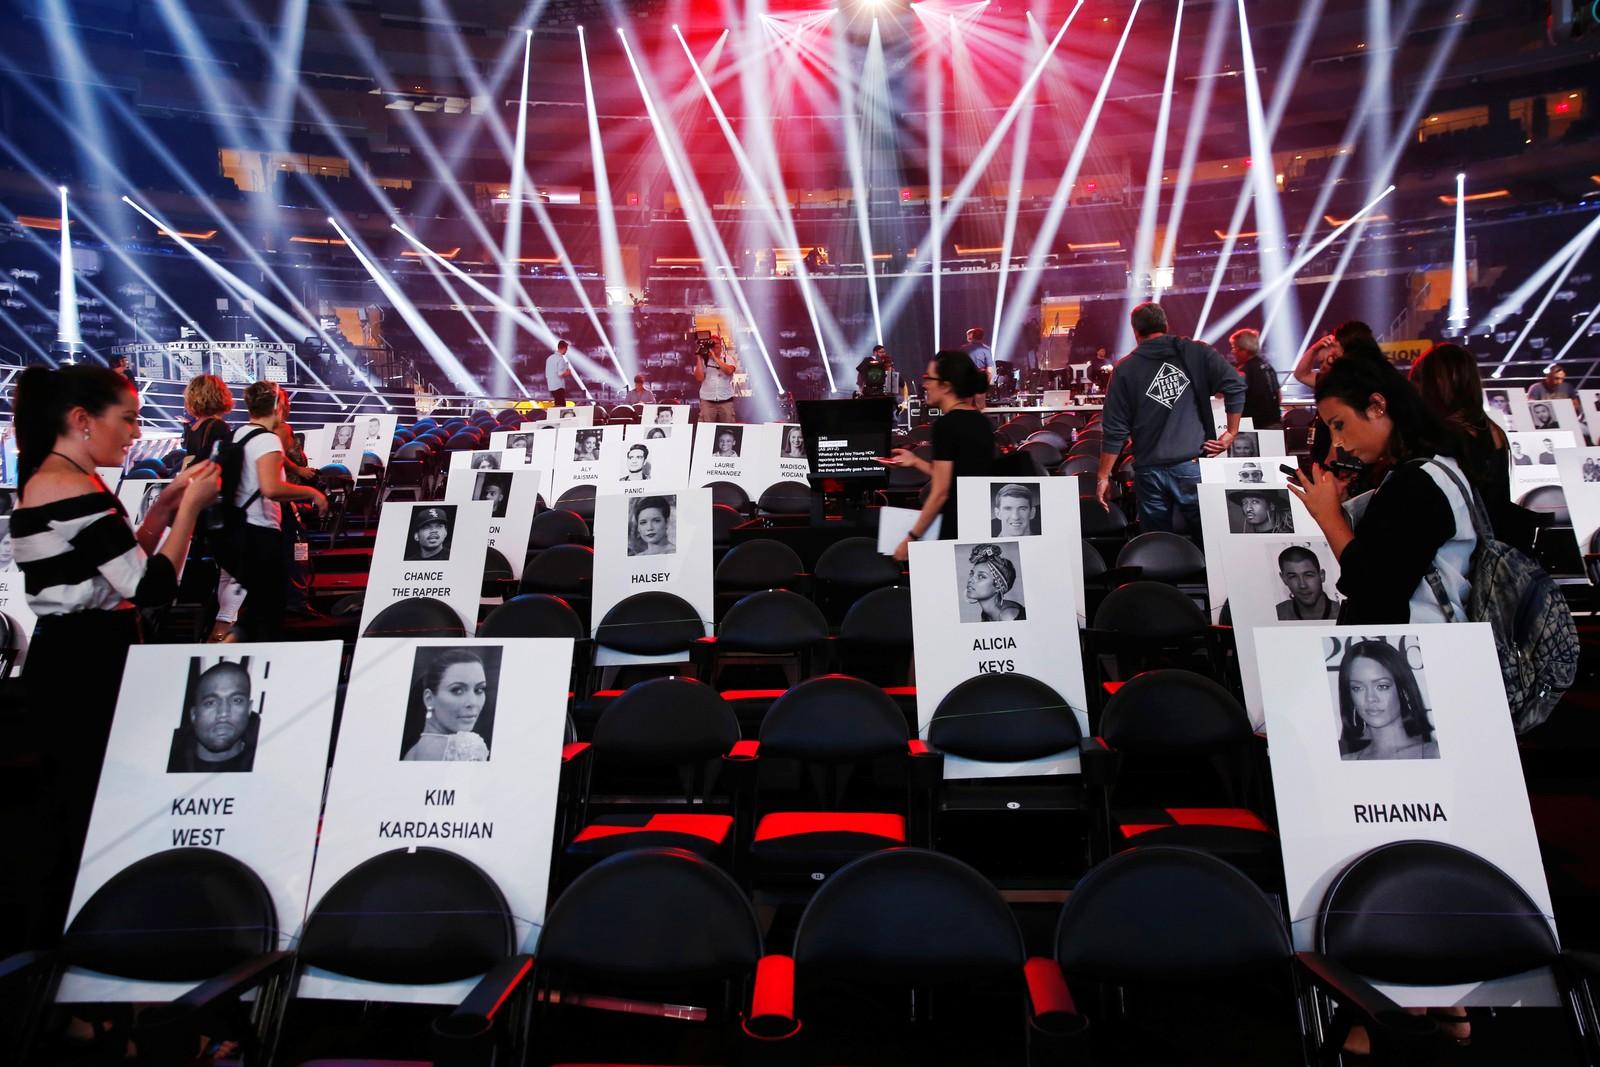 Selv på papp får de oppmerksomhet. Her skal stjernene sitte under MTV VMA den 28. august. Bildet er tatt i New York i USA den 25. august.